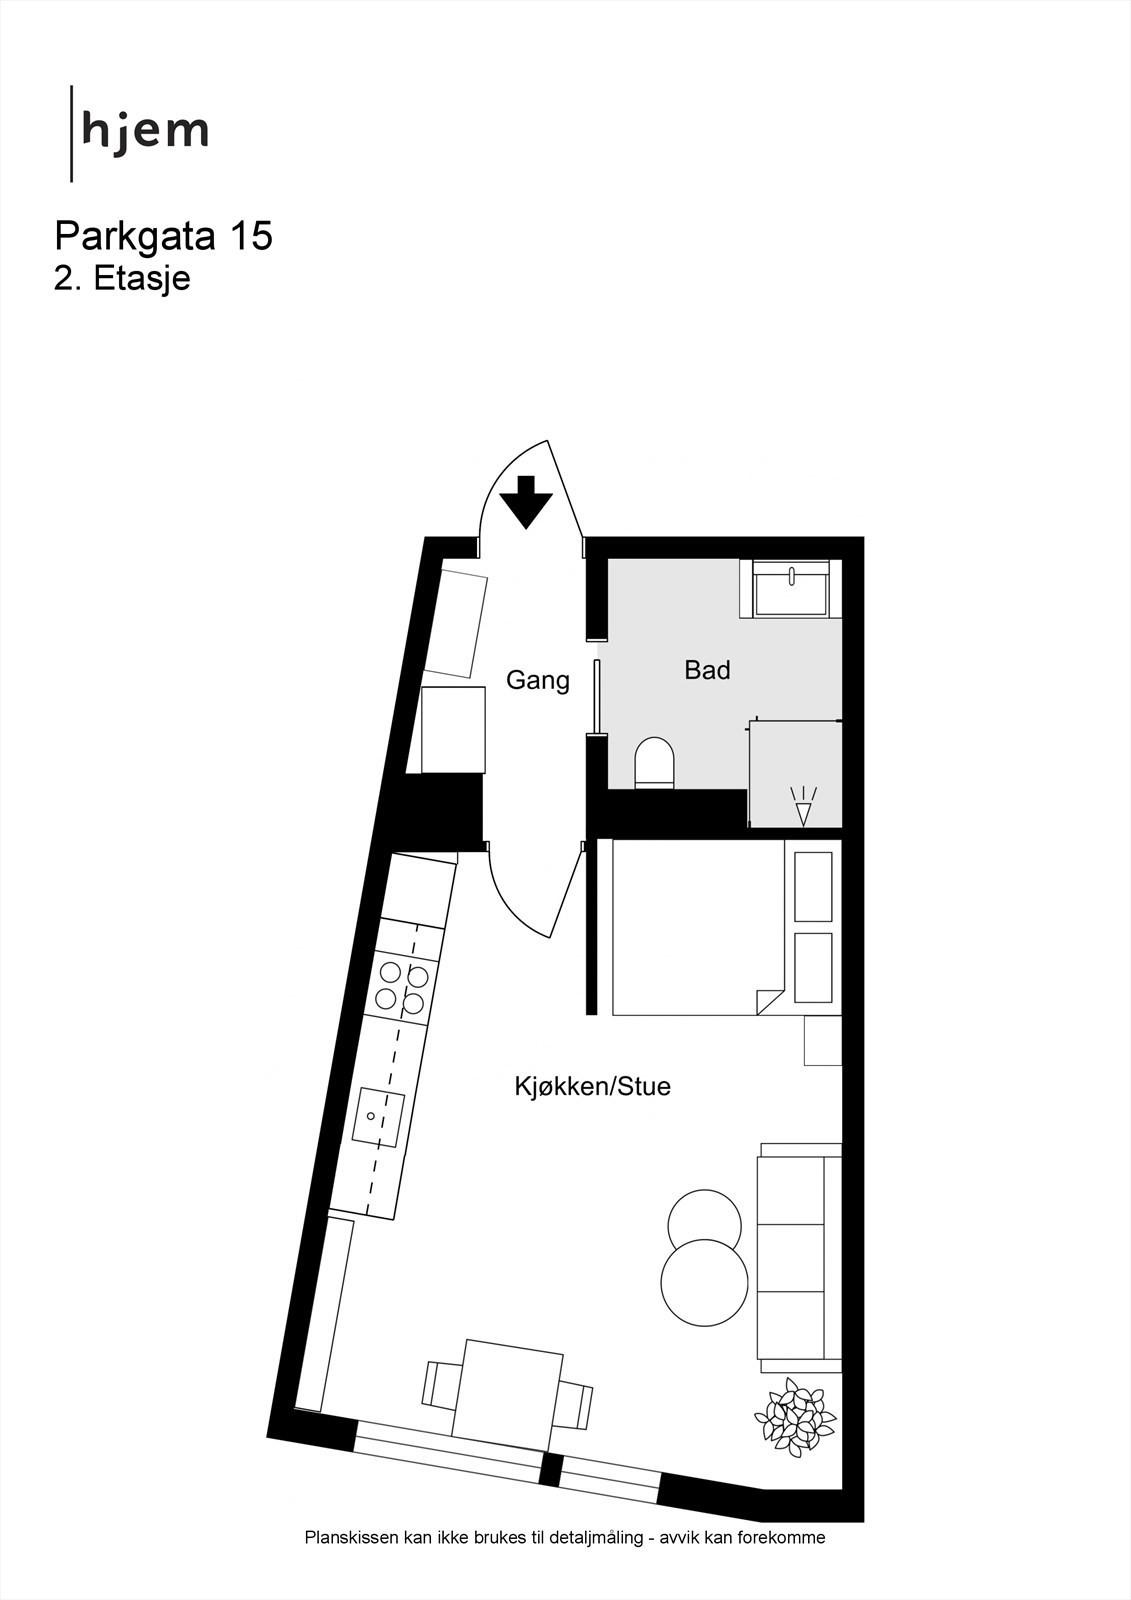 Parkgata 15 - 2D - 2. Etasje